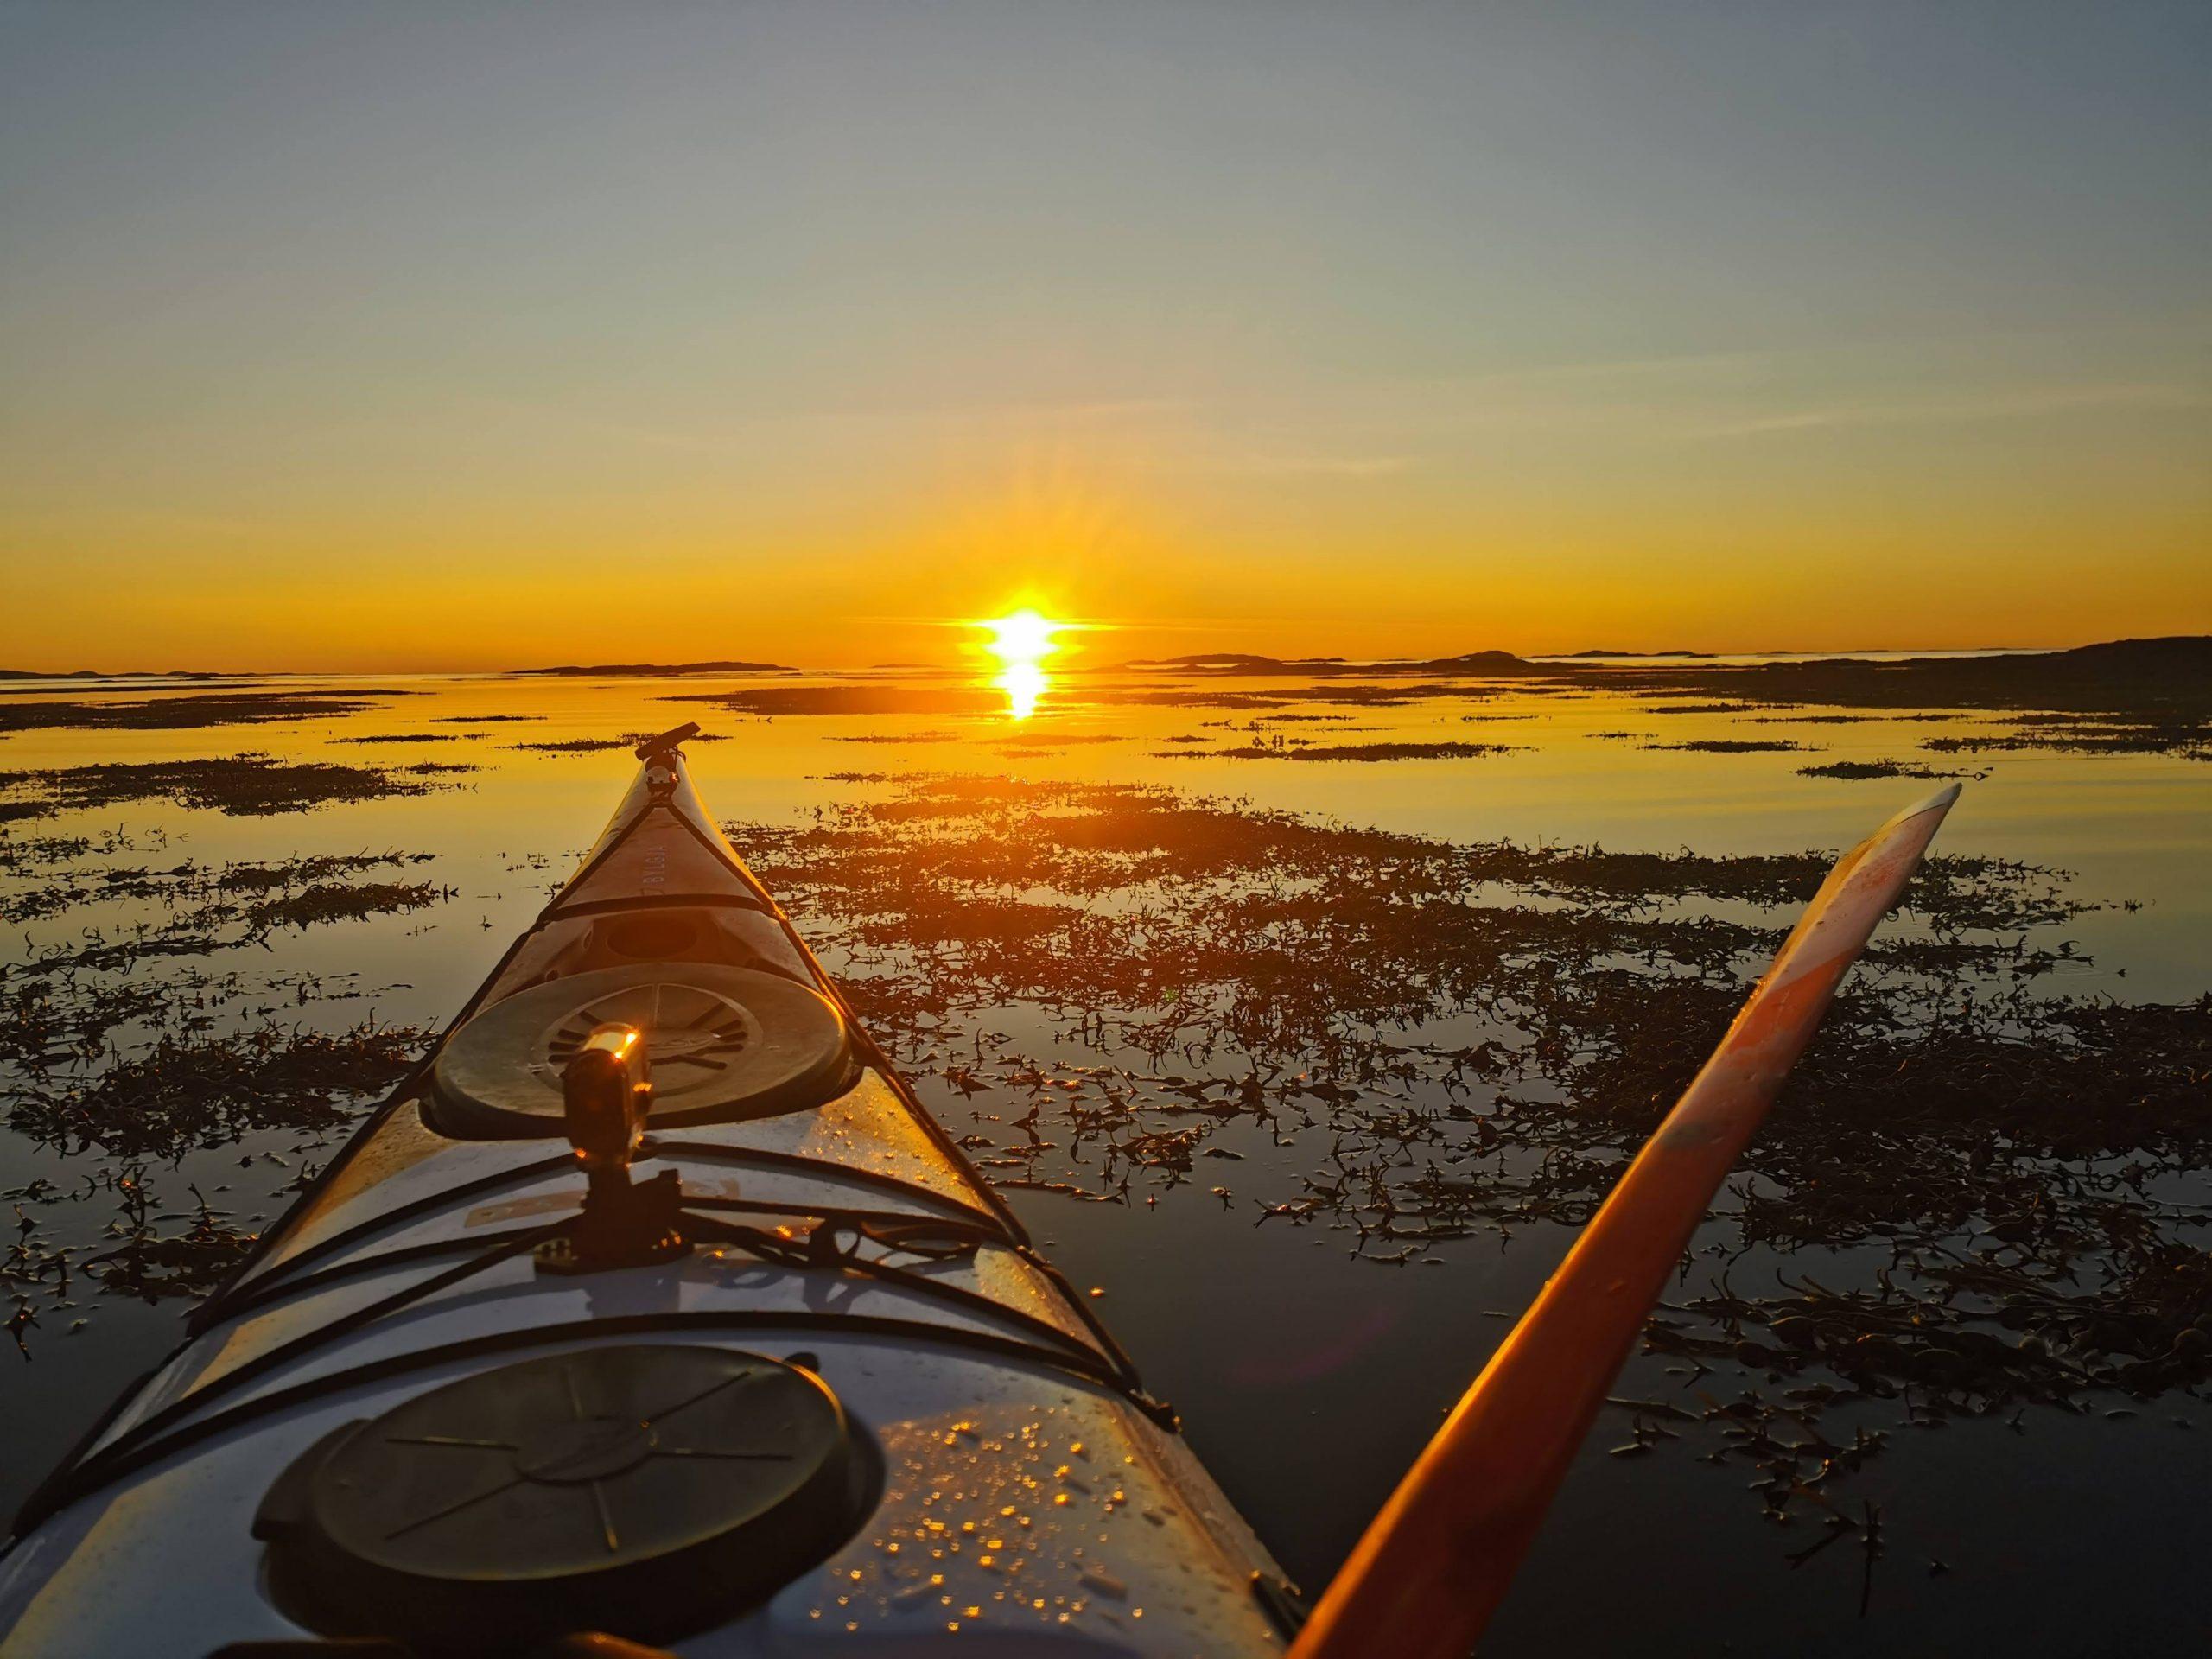 Jøa, landet i eventyret. Foto: Knut Gartland